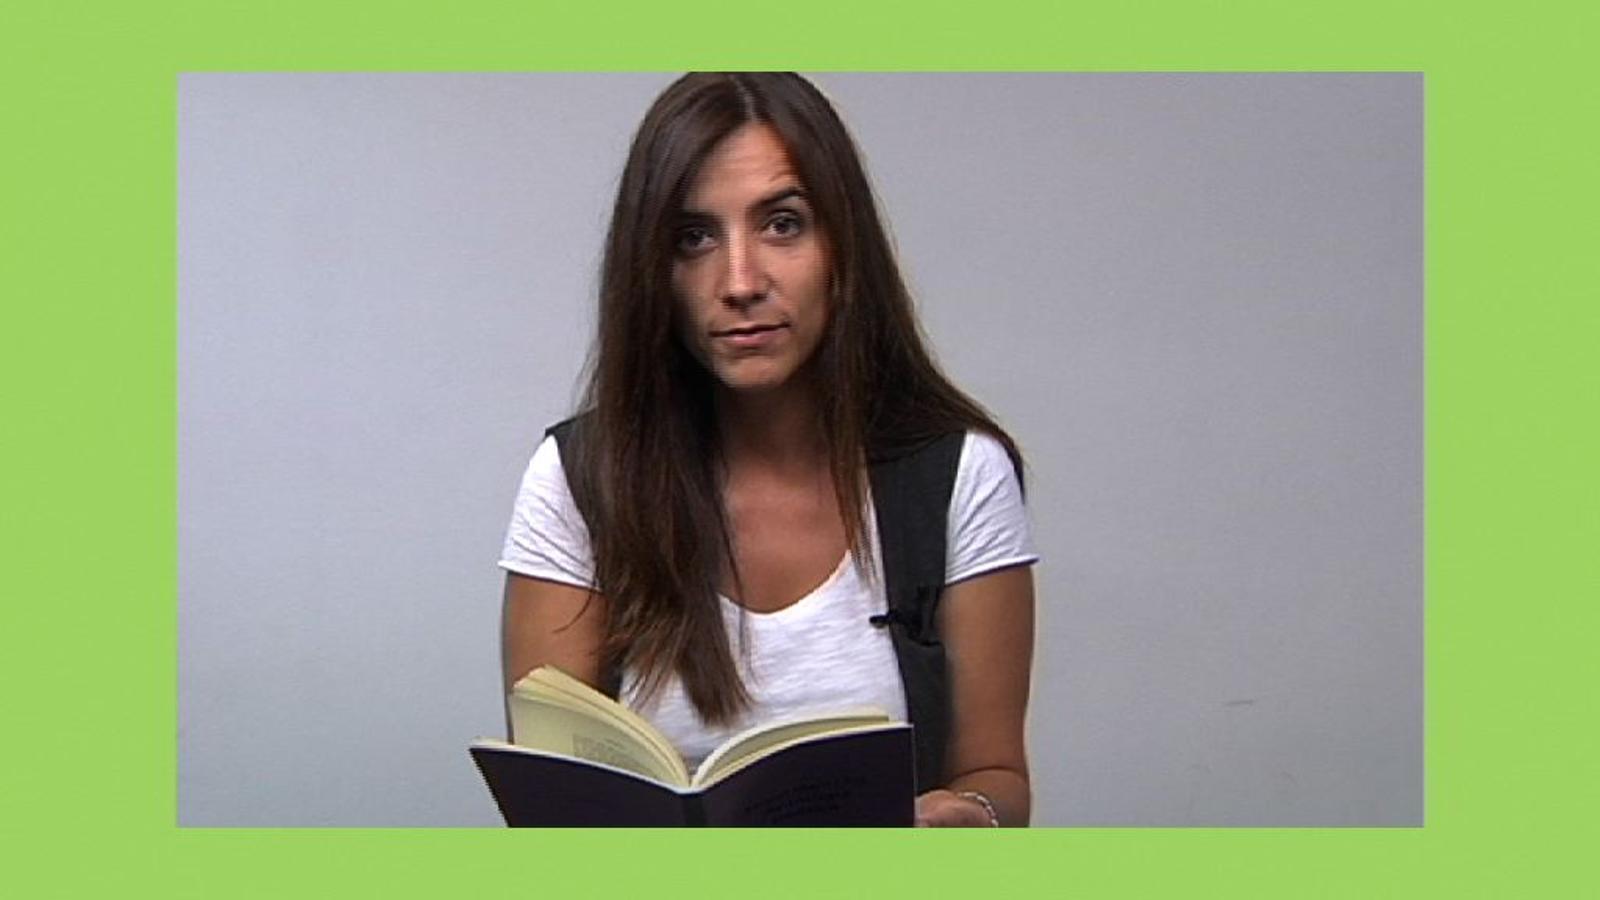 'He heretat l'esperança', Miquel Martí i Pol, per Laura Serra